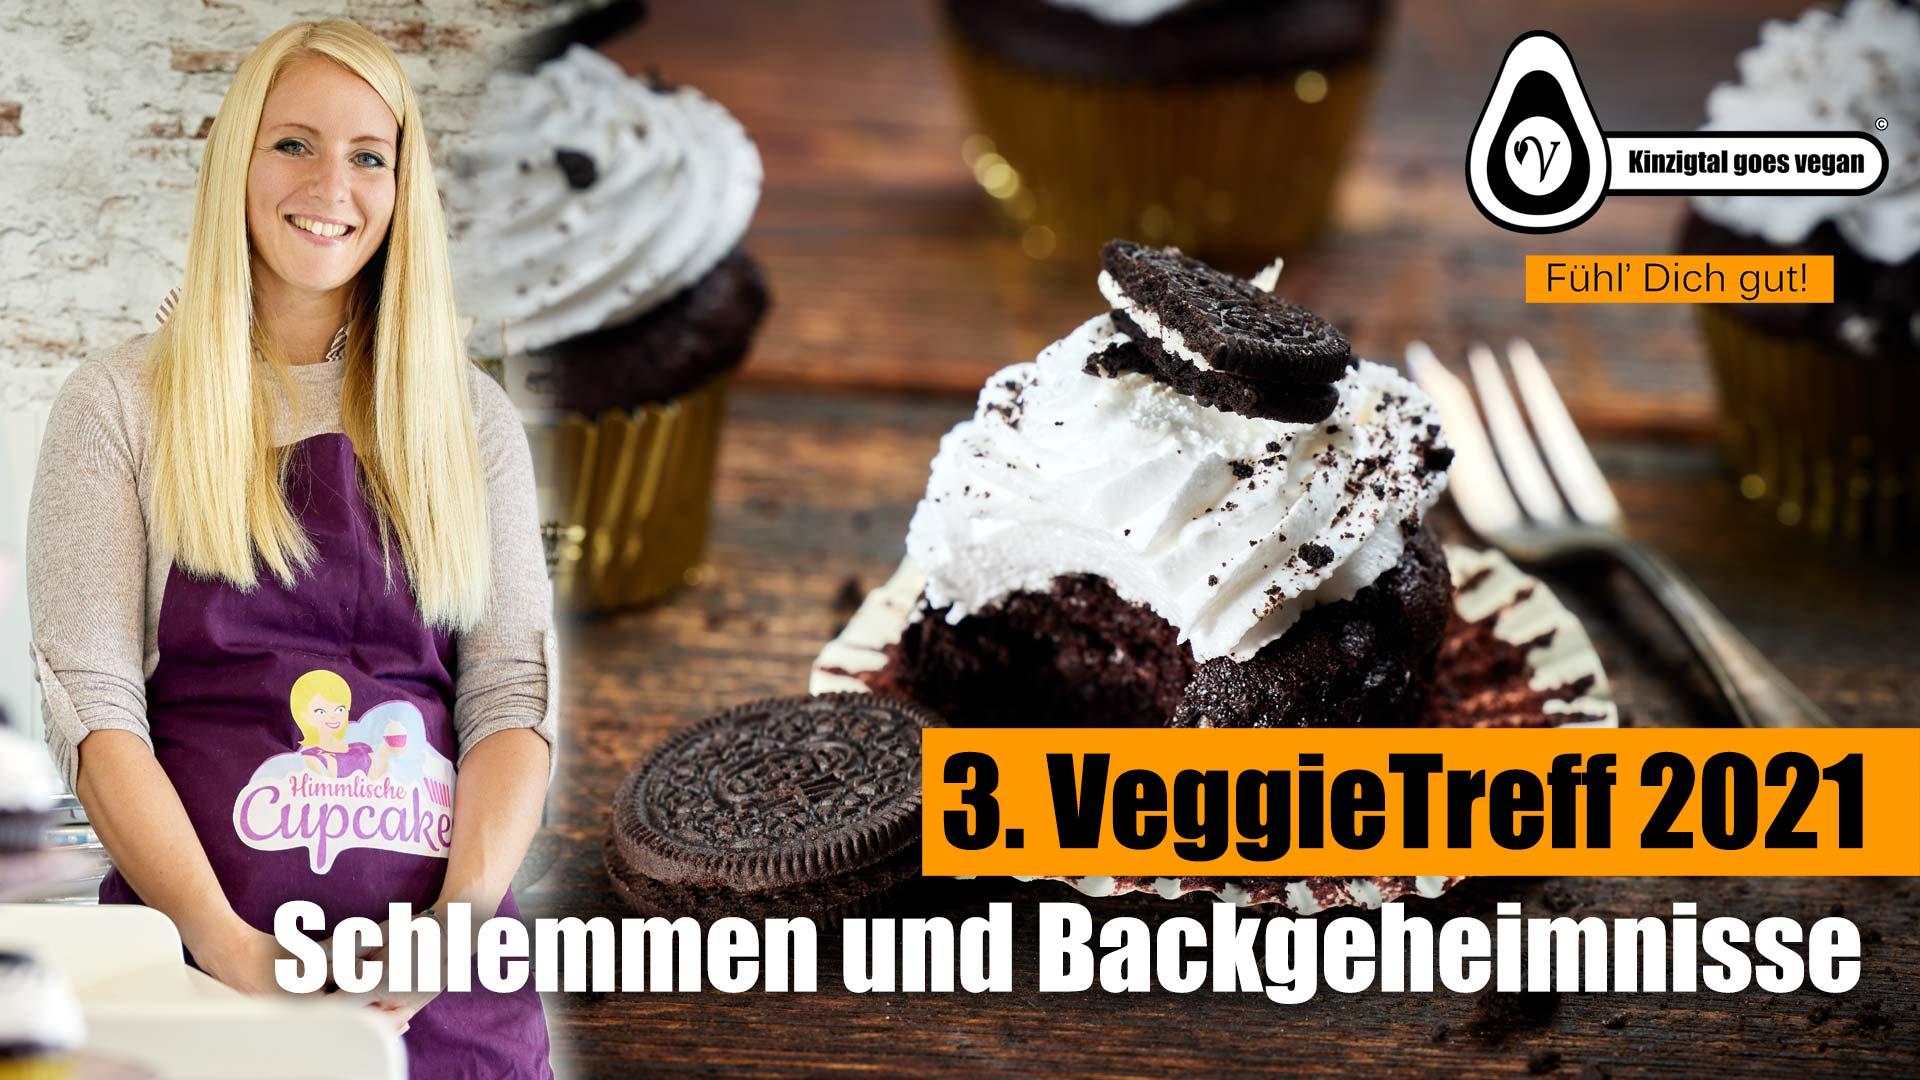 3. VeggieTreff: Schlemmen und Backgeheimnisse